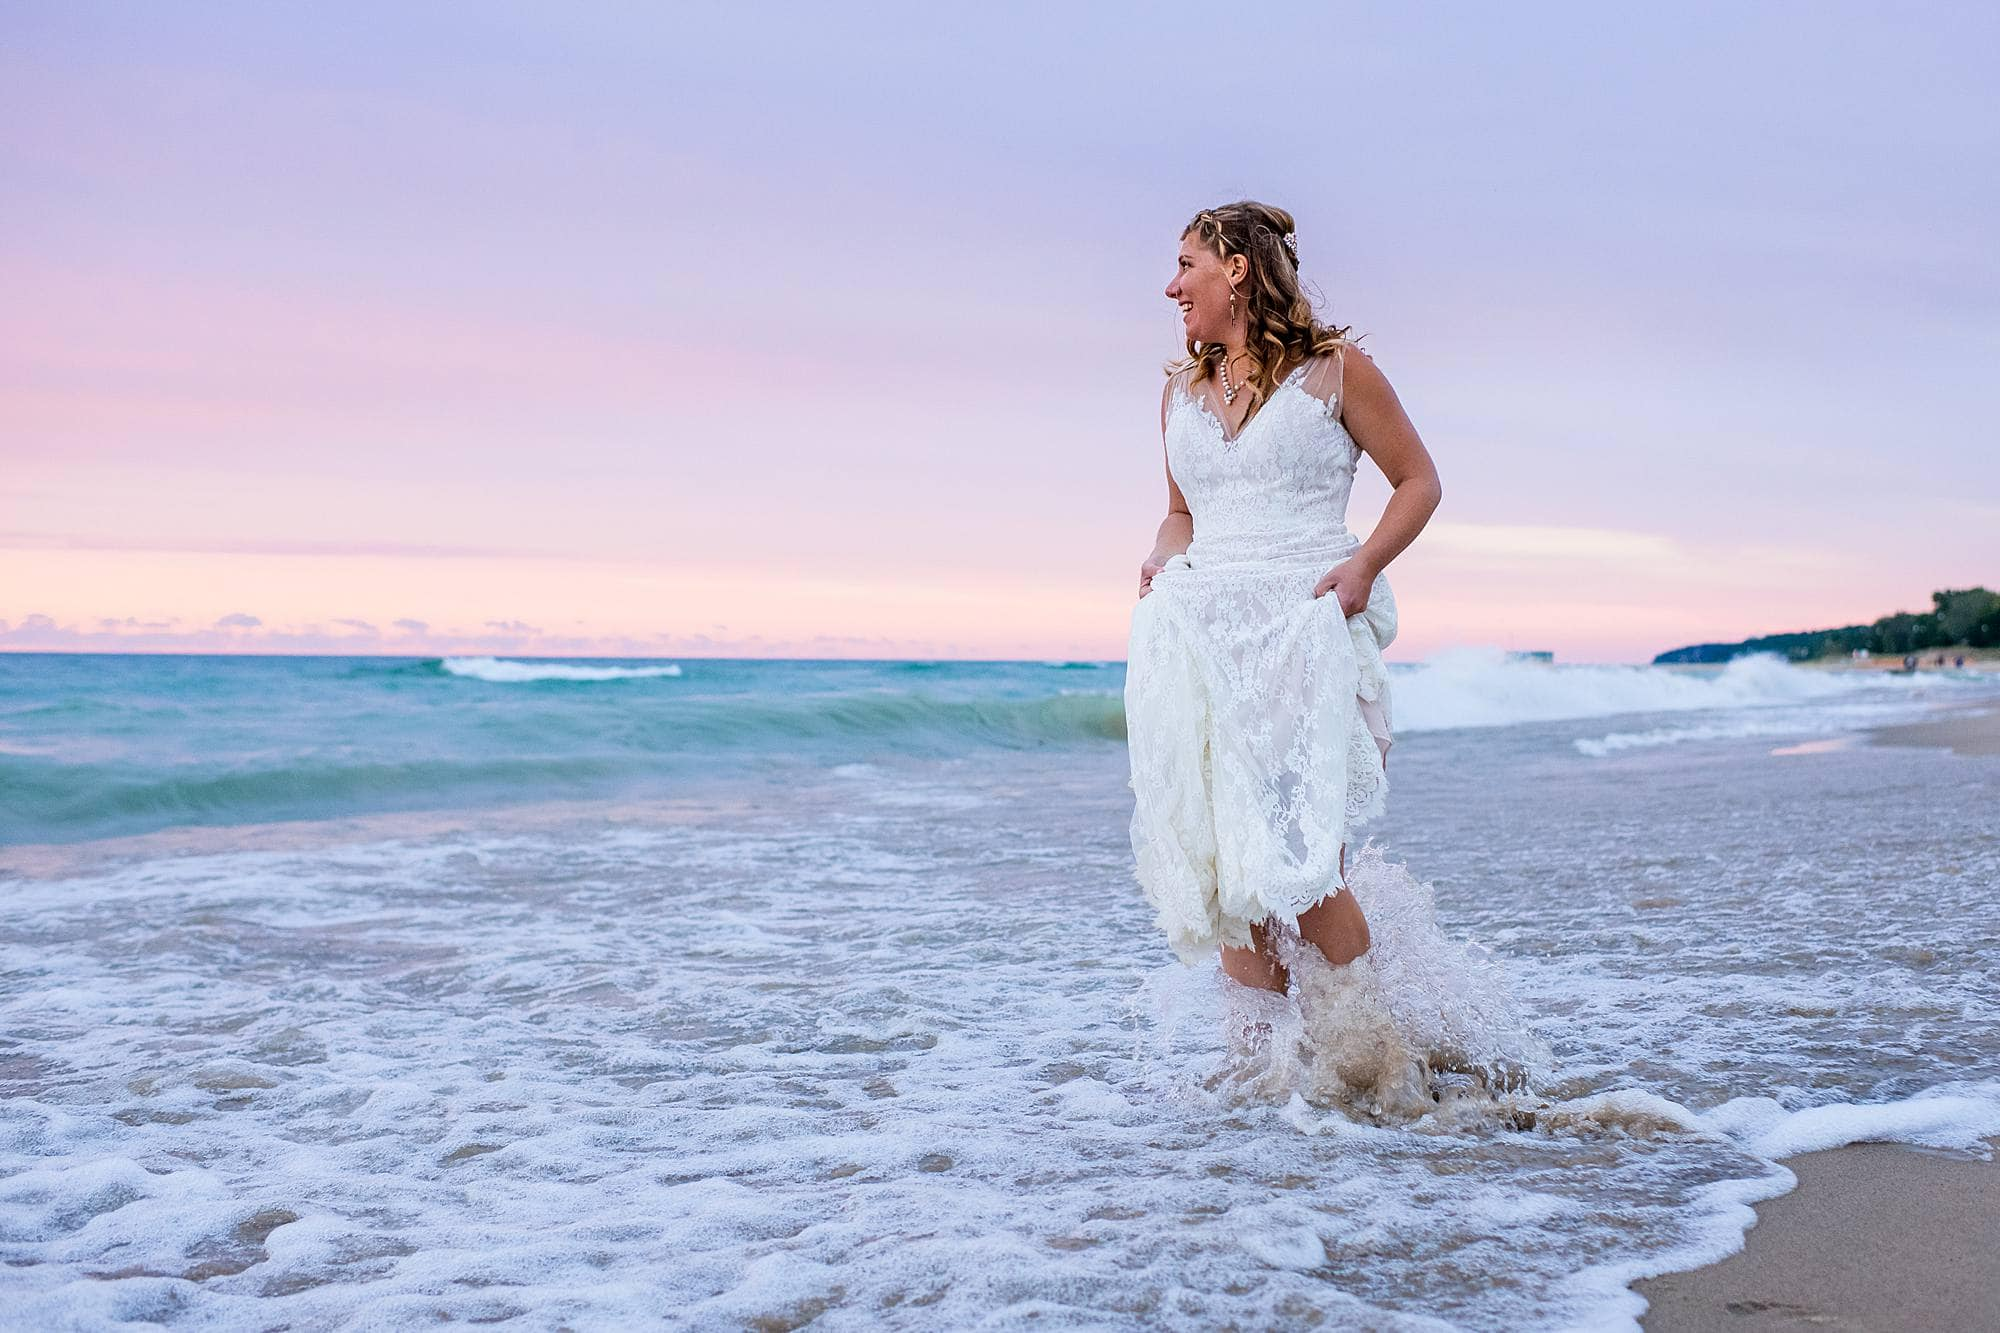 bride in lake michigan shorebreak